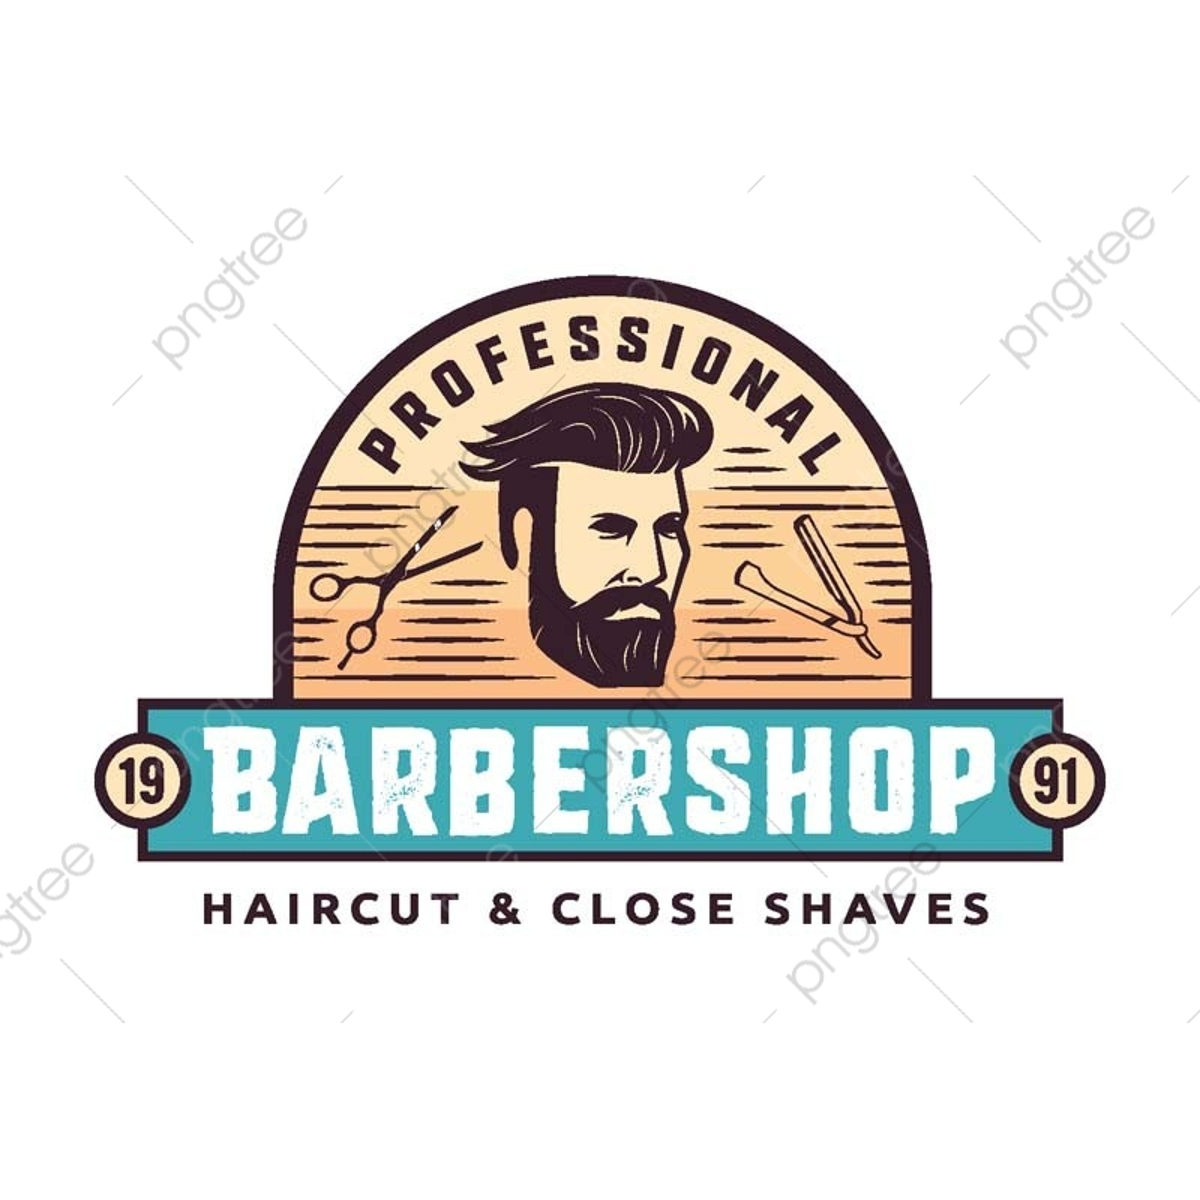 ビンテージの紳士の床屋のバッジのイラスト 髪を剃り 紳士 床屋は散髪